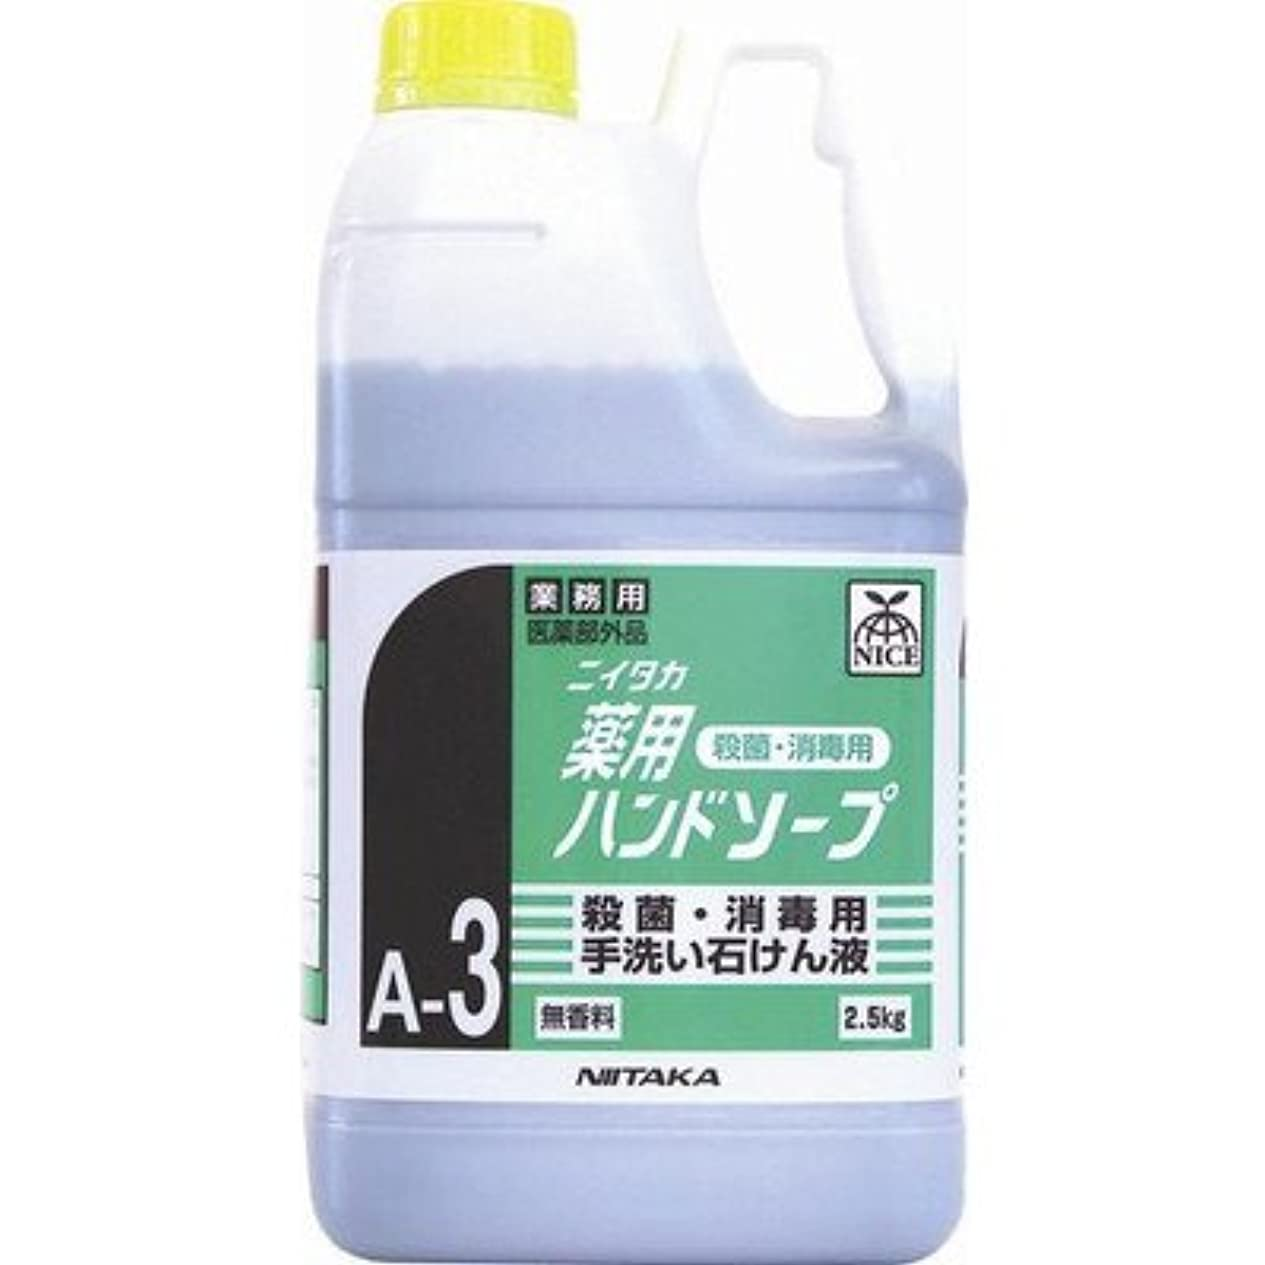 否定する排出受賞ニイタカ 業務用手洗い石けん液 薬用ハンドソープ(A-3) 2.5kg×6本